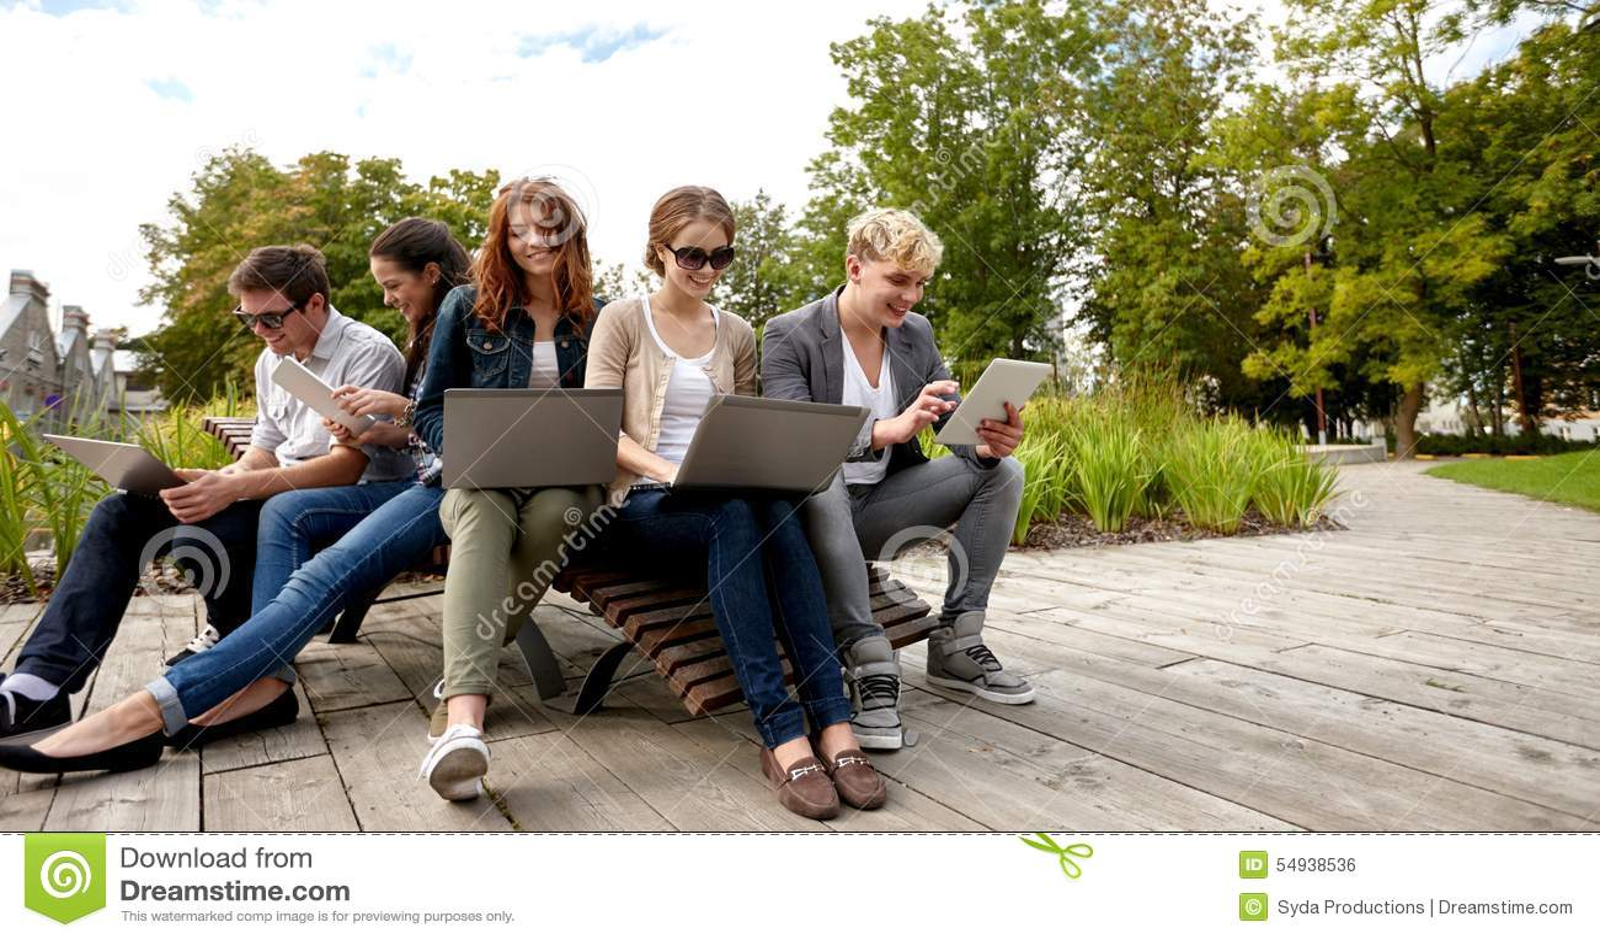 Laptop FГјr Jugendliche